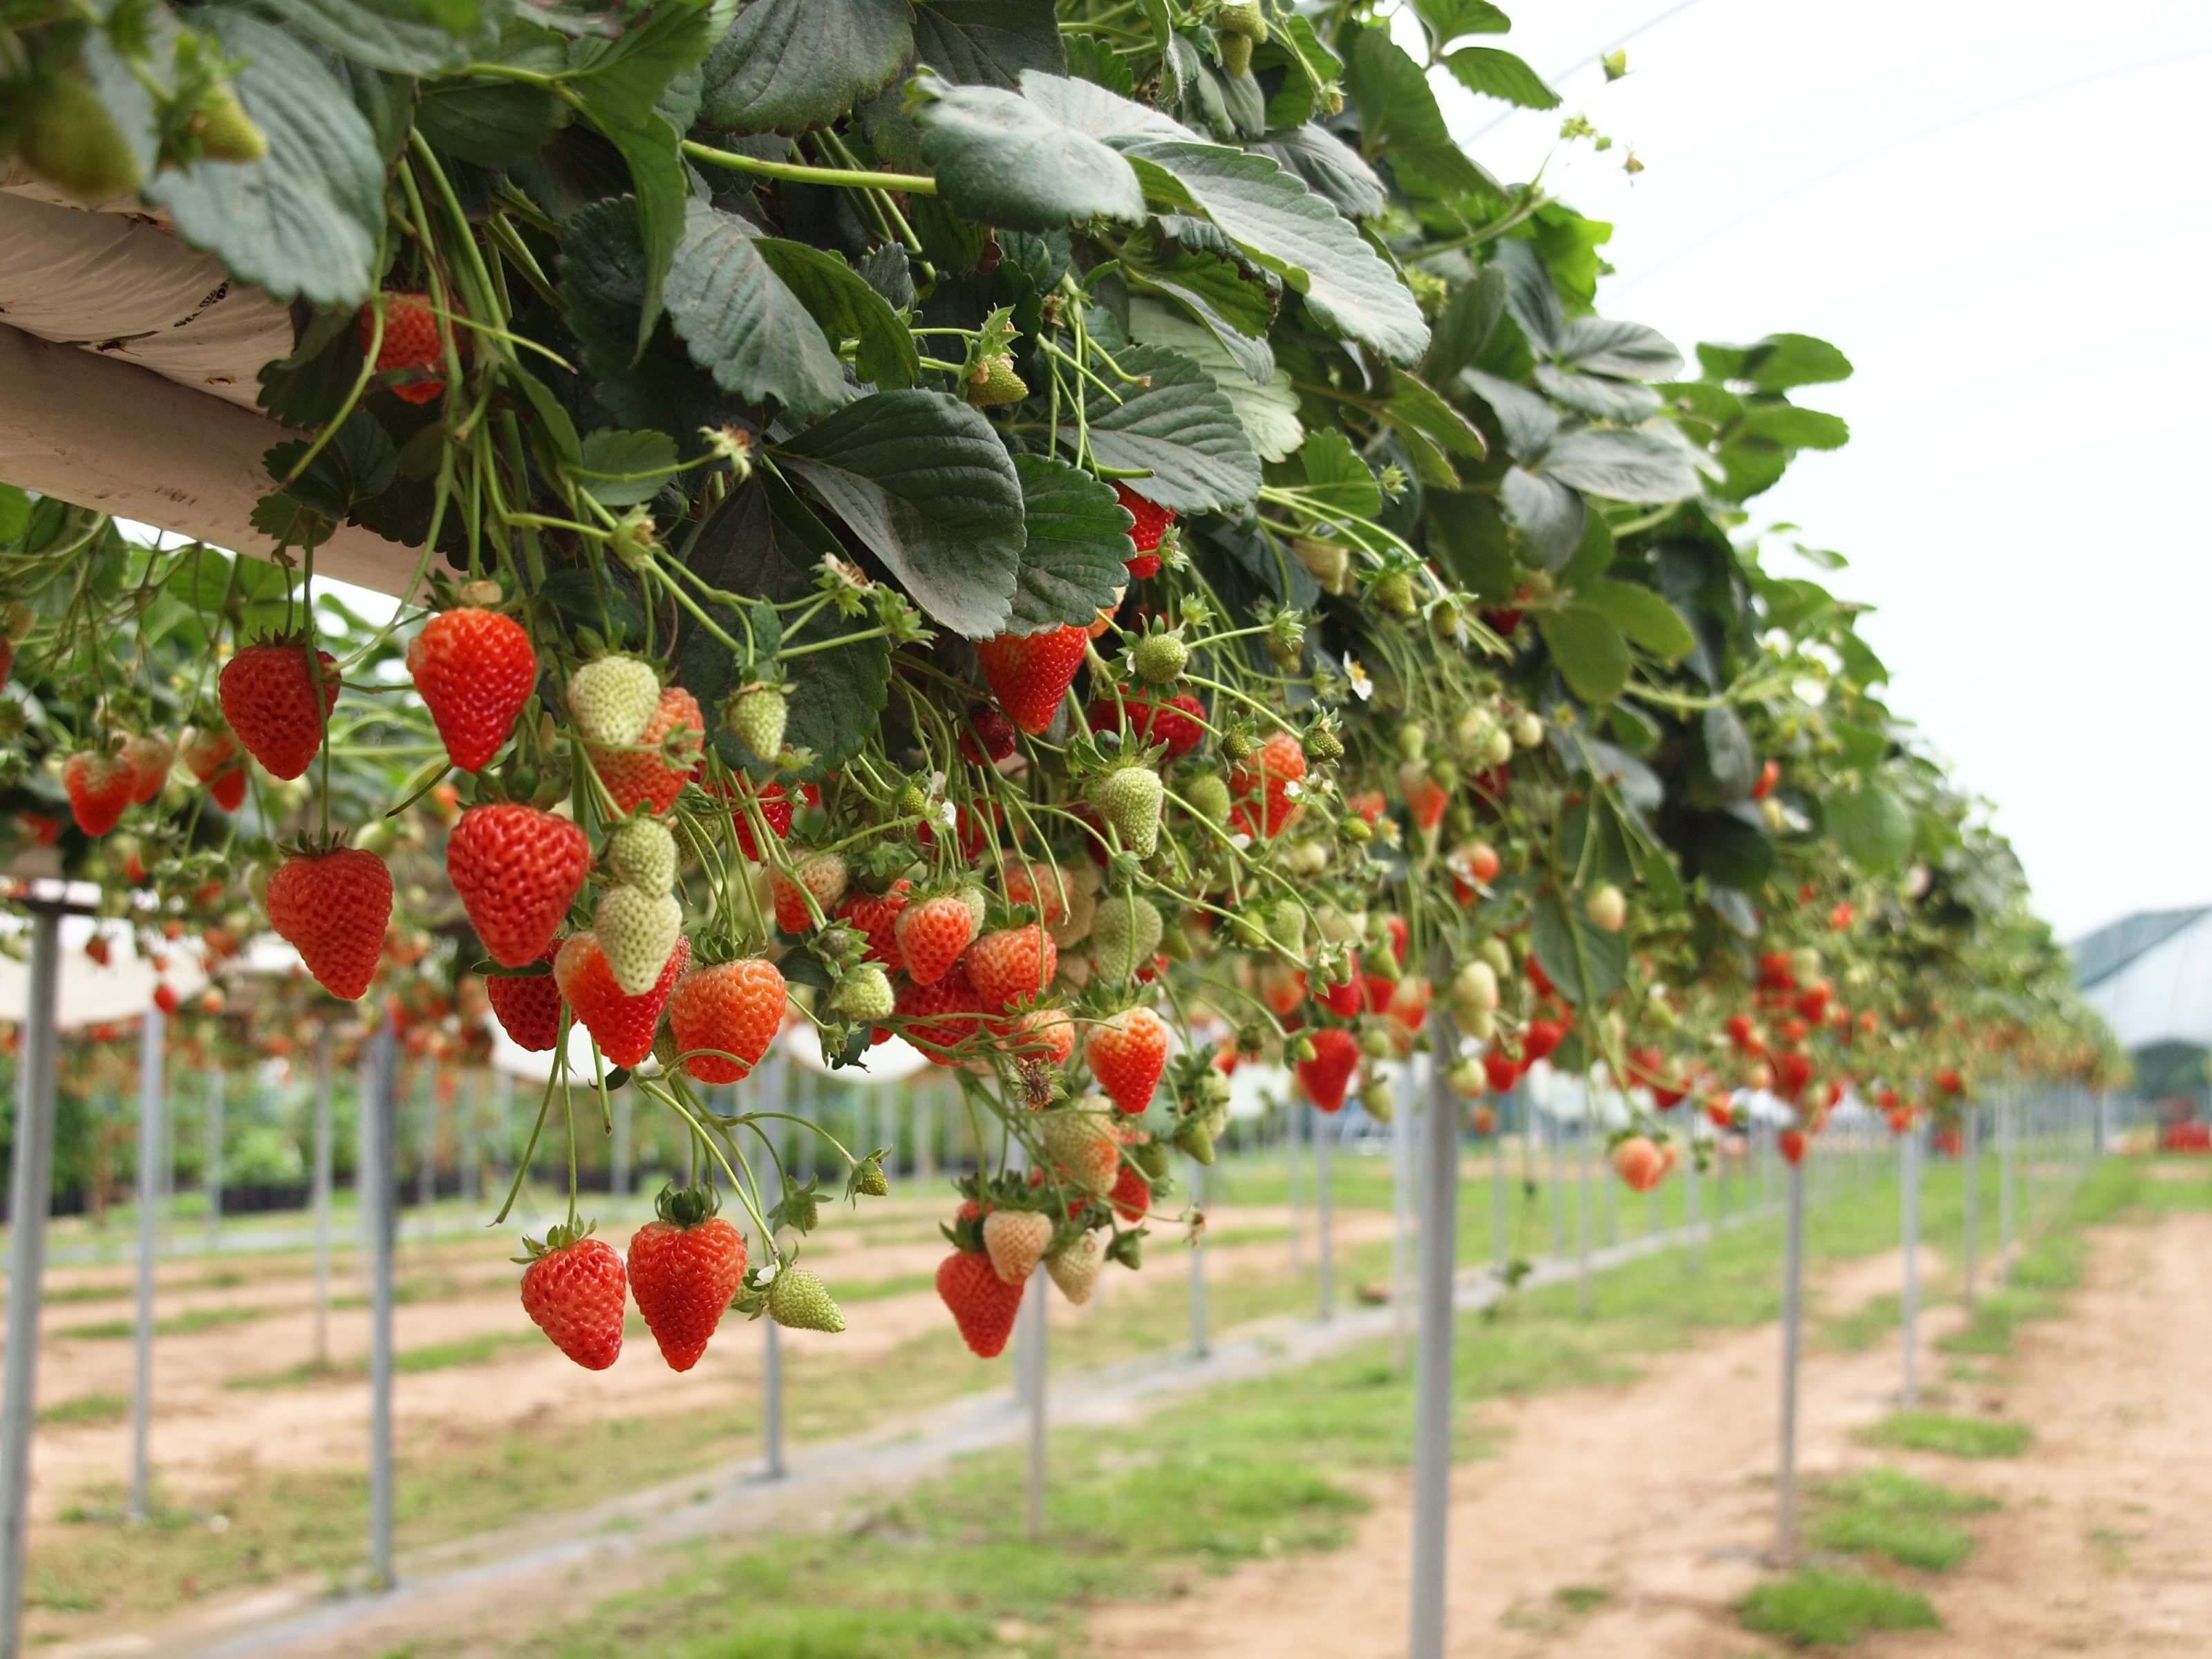 Công ty xuất khẩu lao động Thành Đô tuyển 2 nữ  đơn hàng nông nghiệp đi Nhật